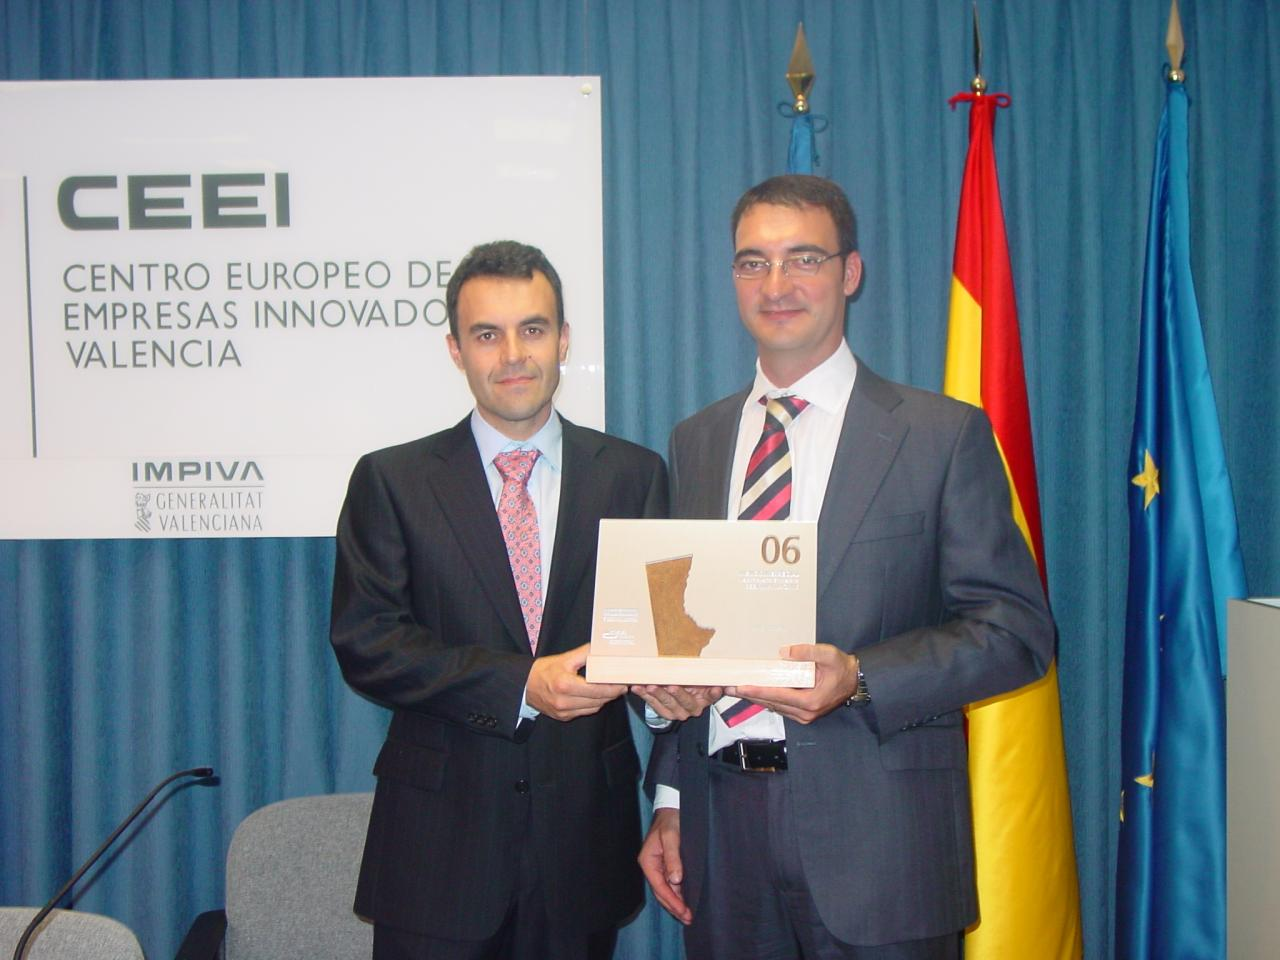 Ignacio González y Jose Vicente García en la entrega de los premios CEEI-IMPIVA 2006